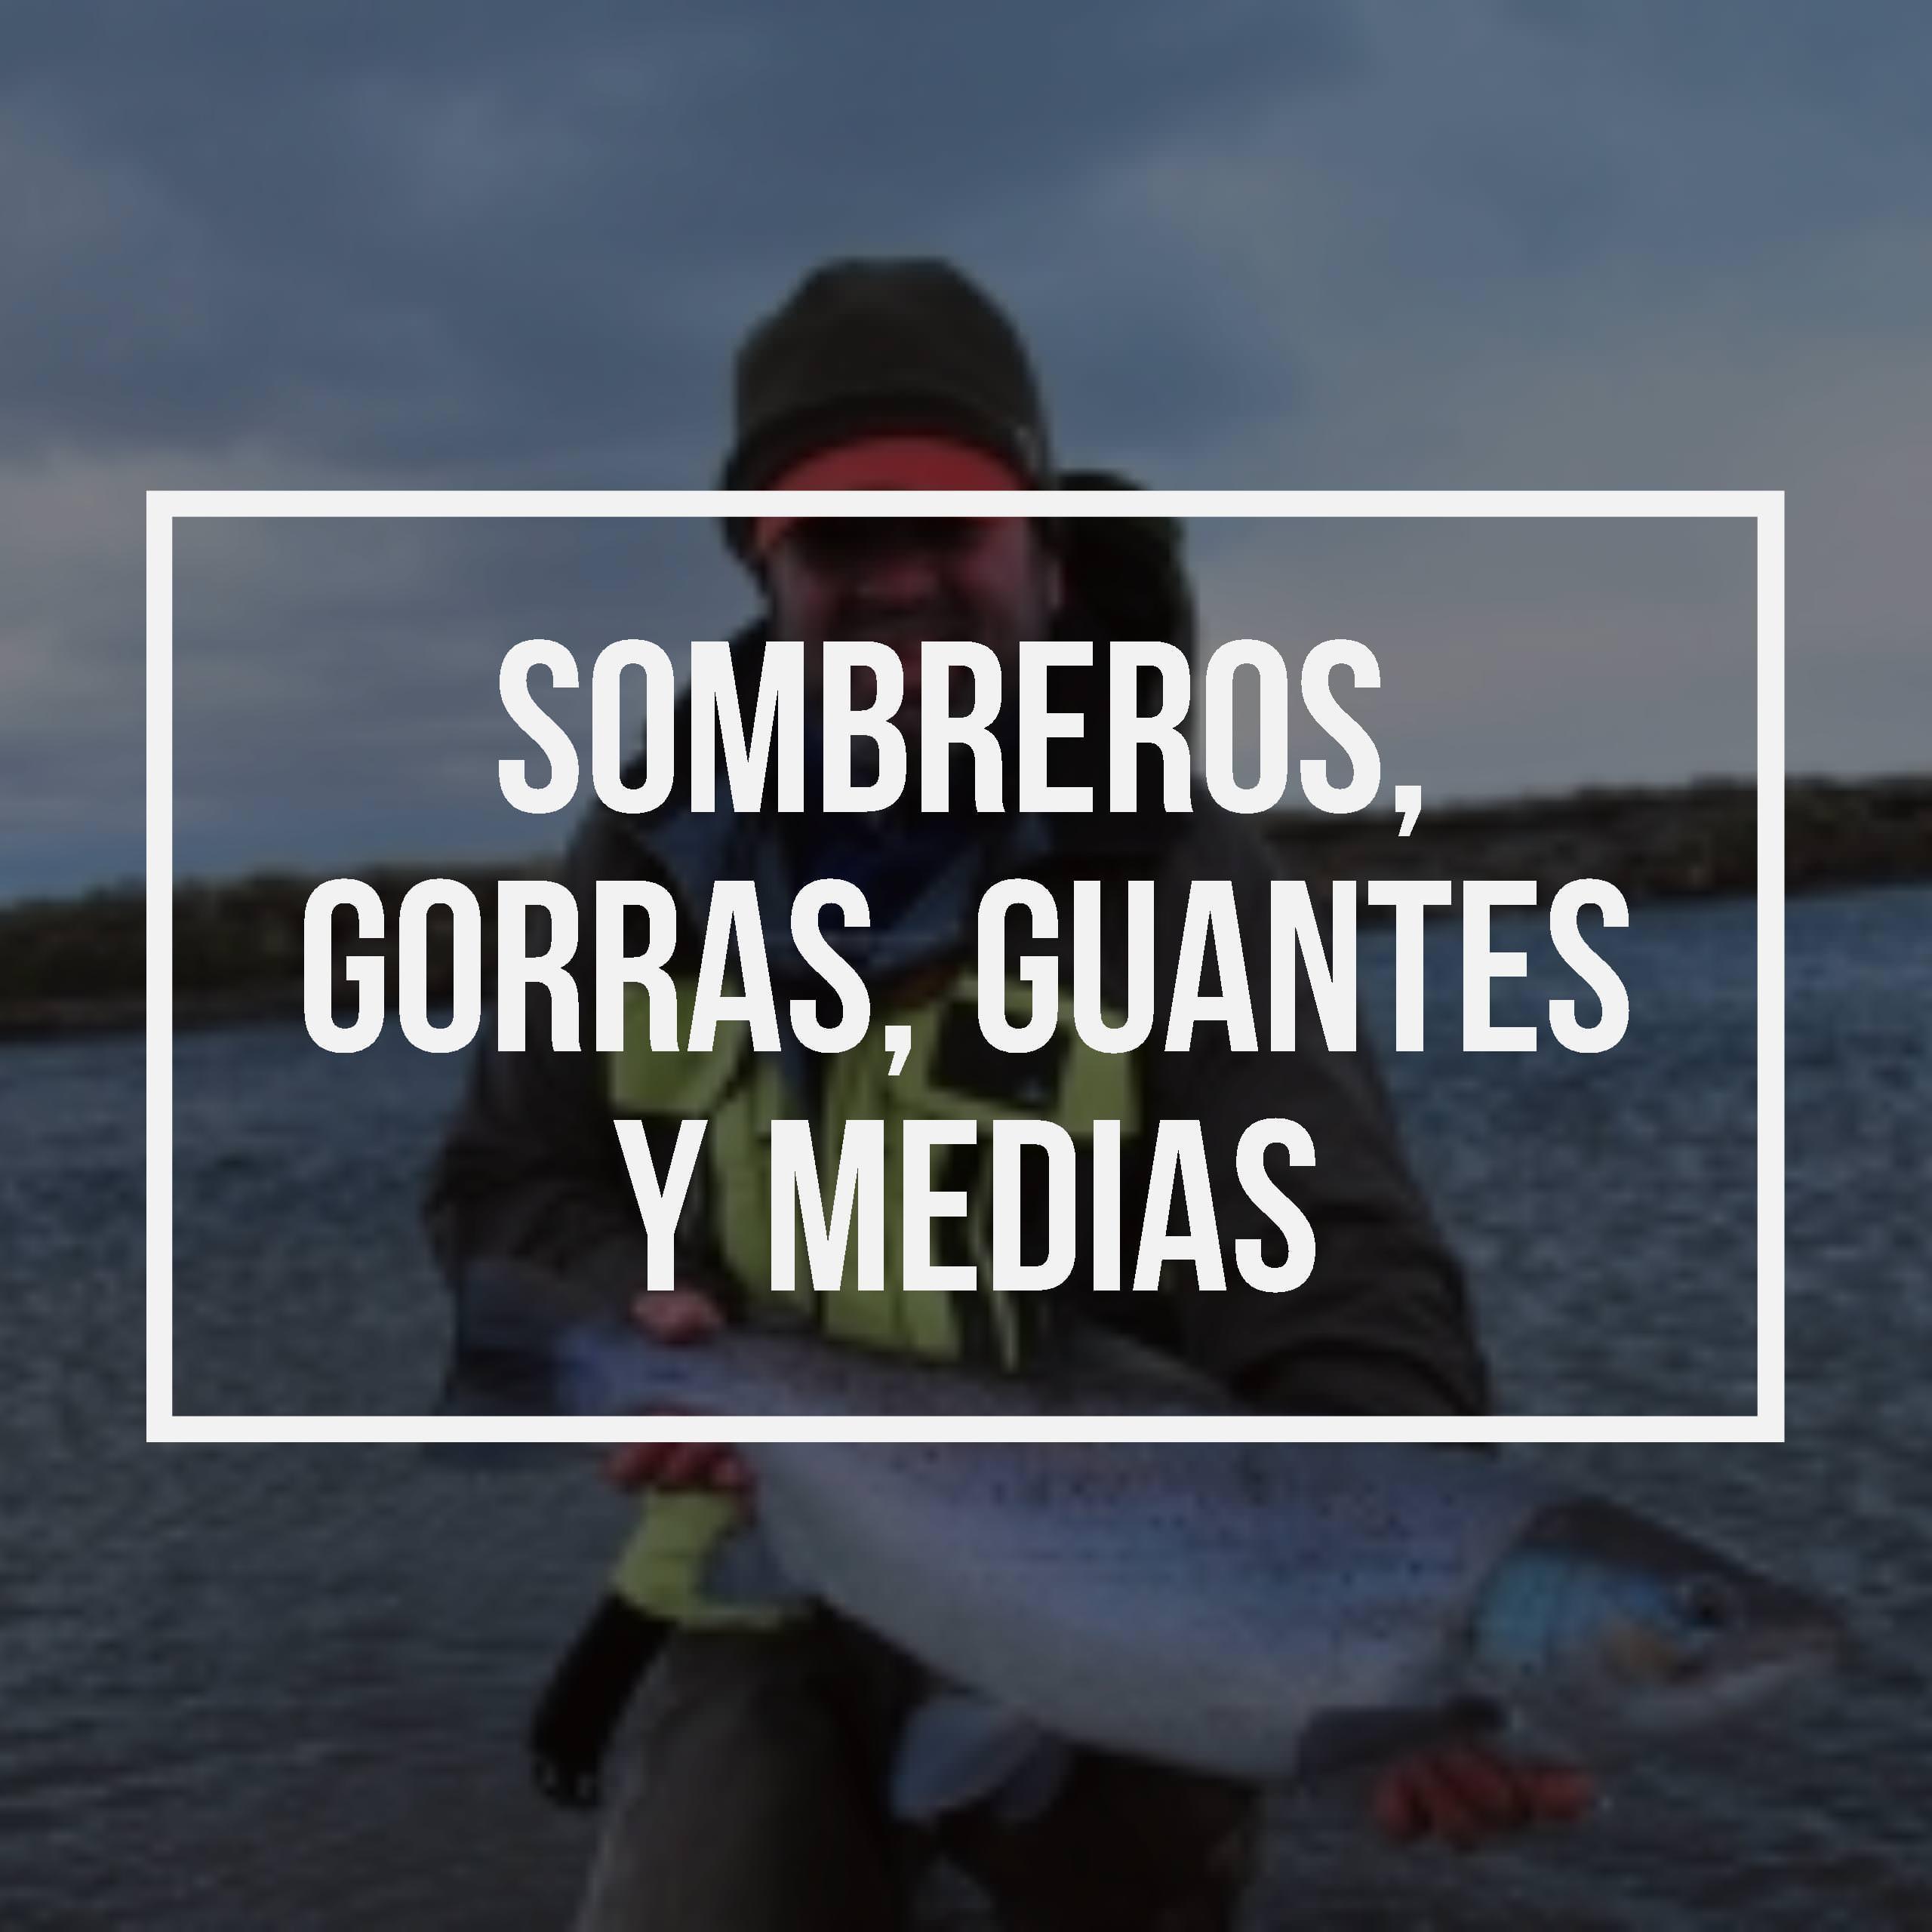 Sombreros, Gorras, Guantes y Medias